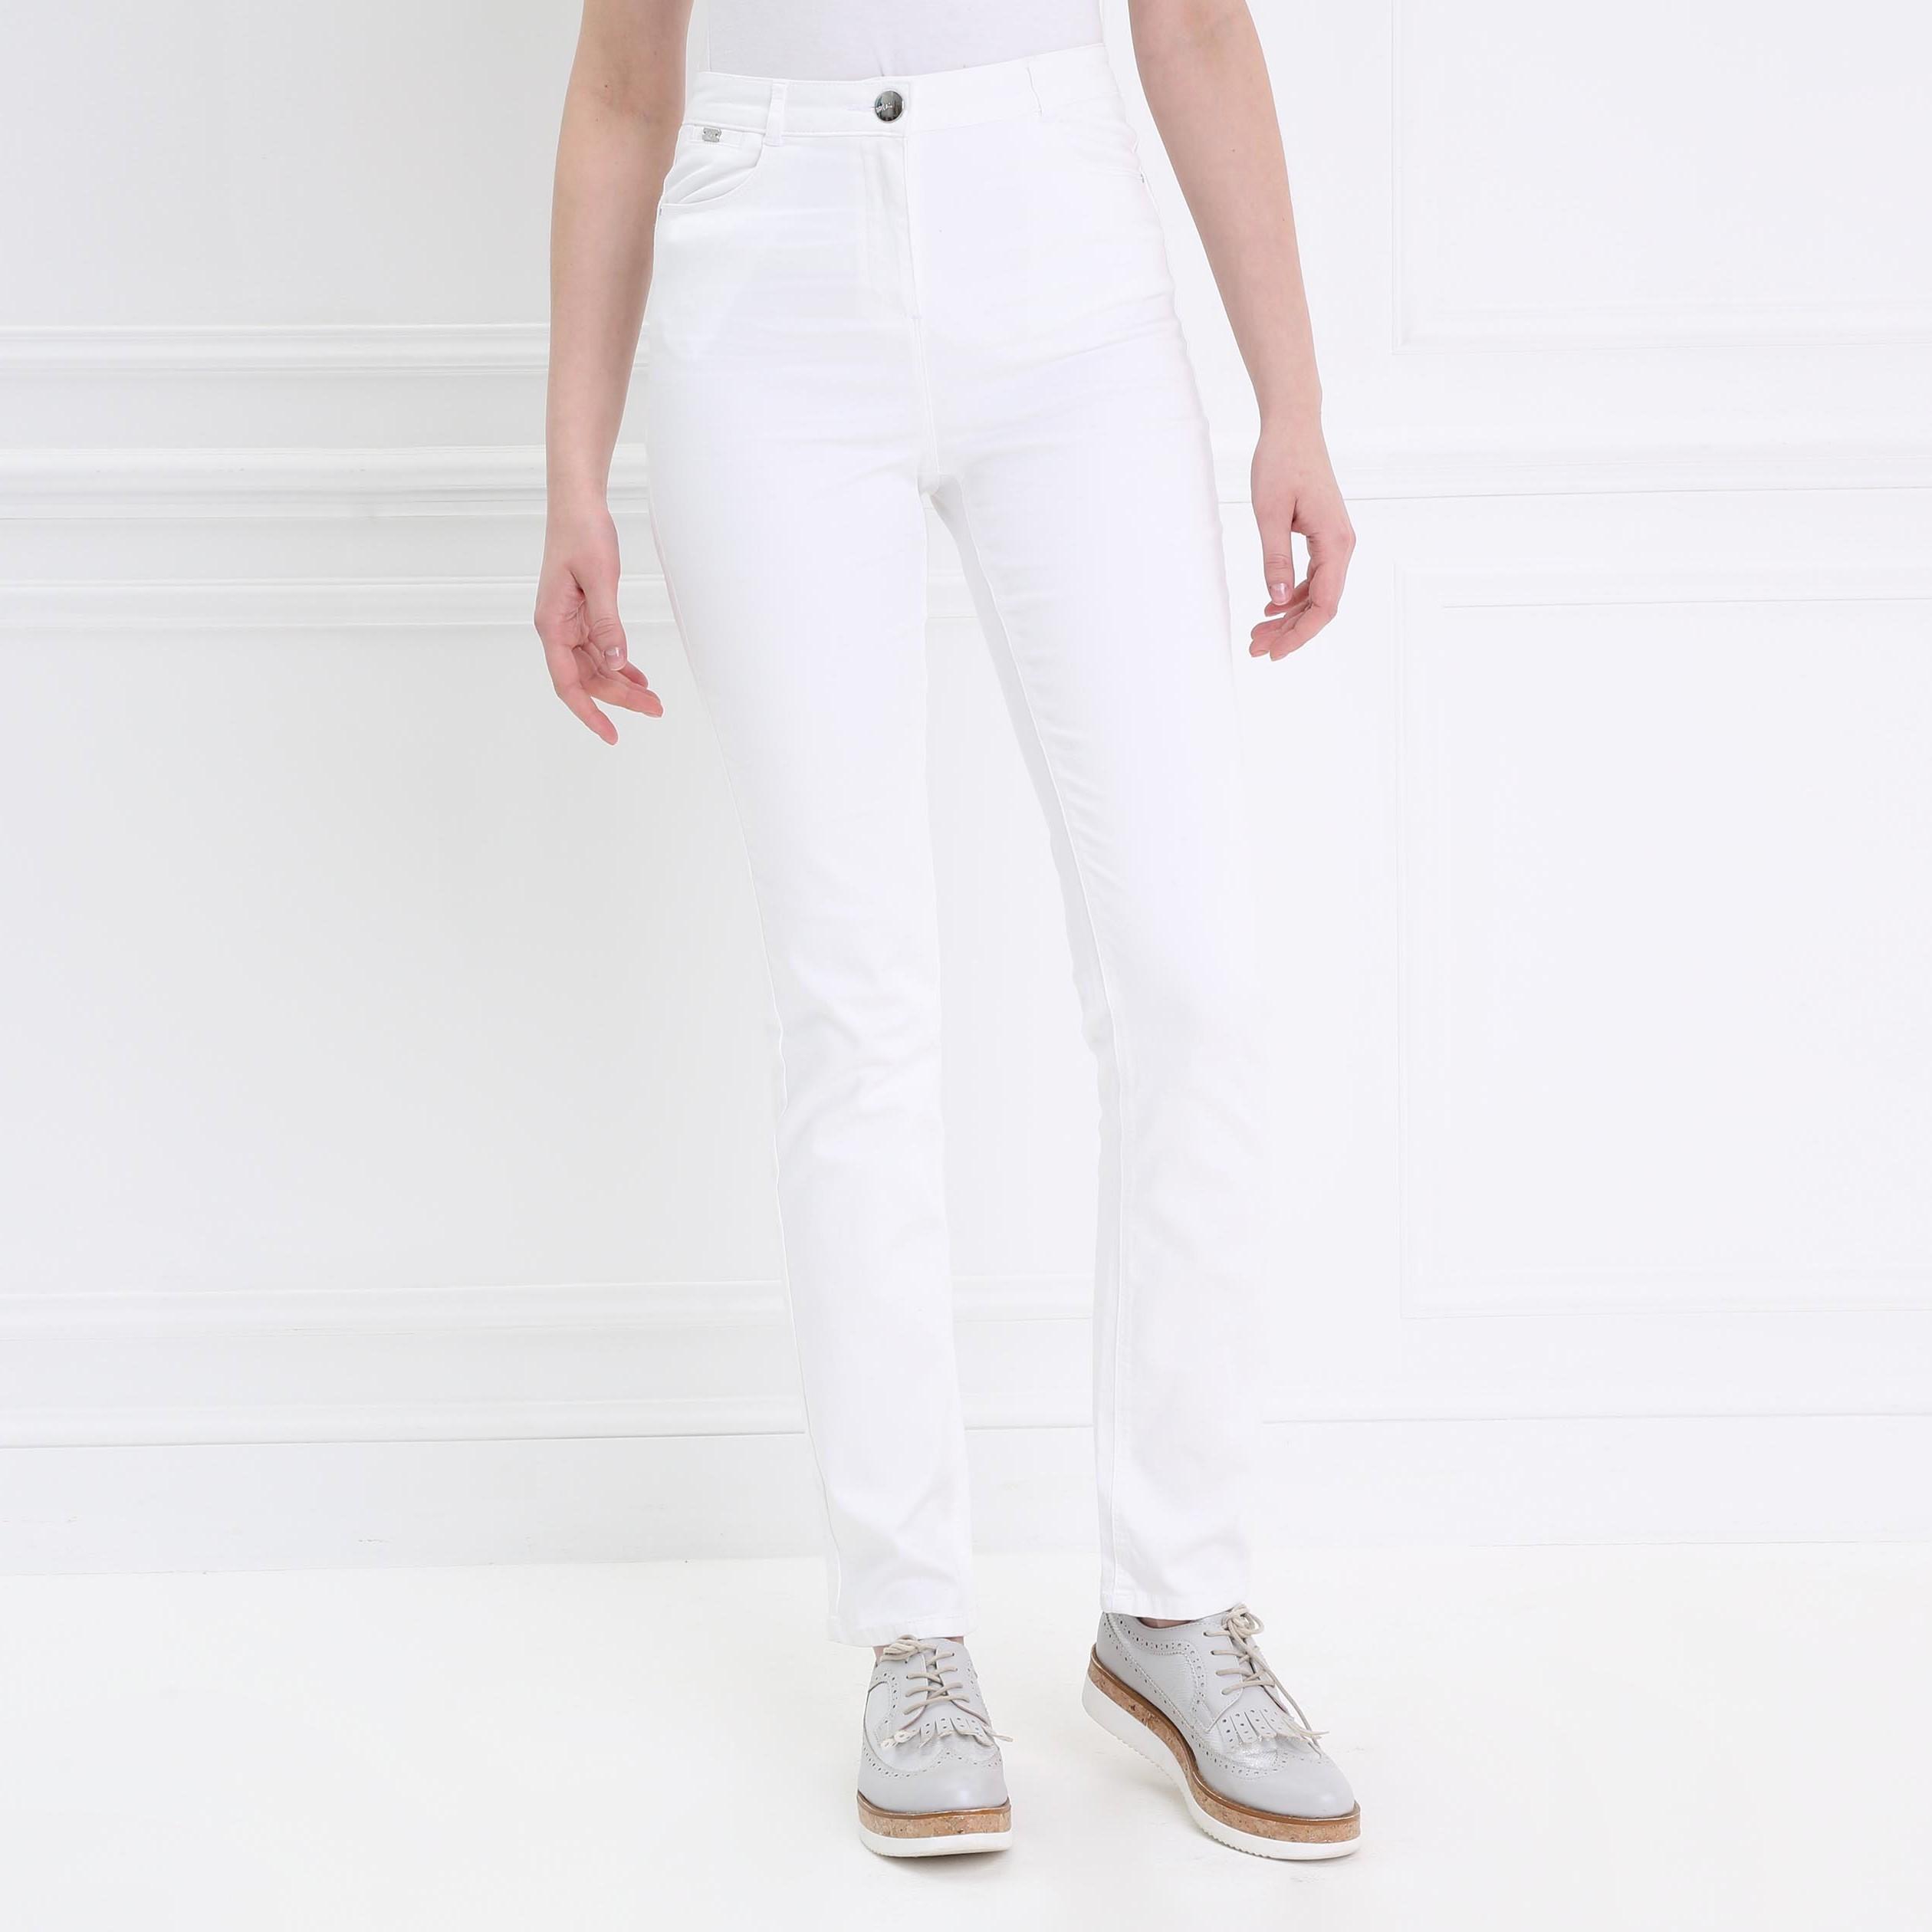 Pantalon Droit Taille Haute Blanc Femme | Bréal